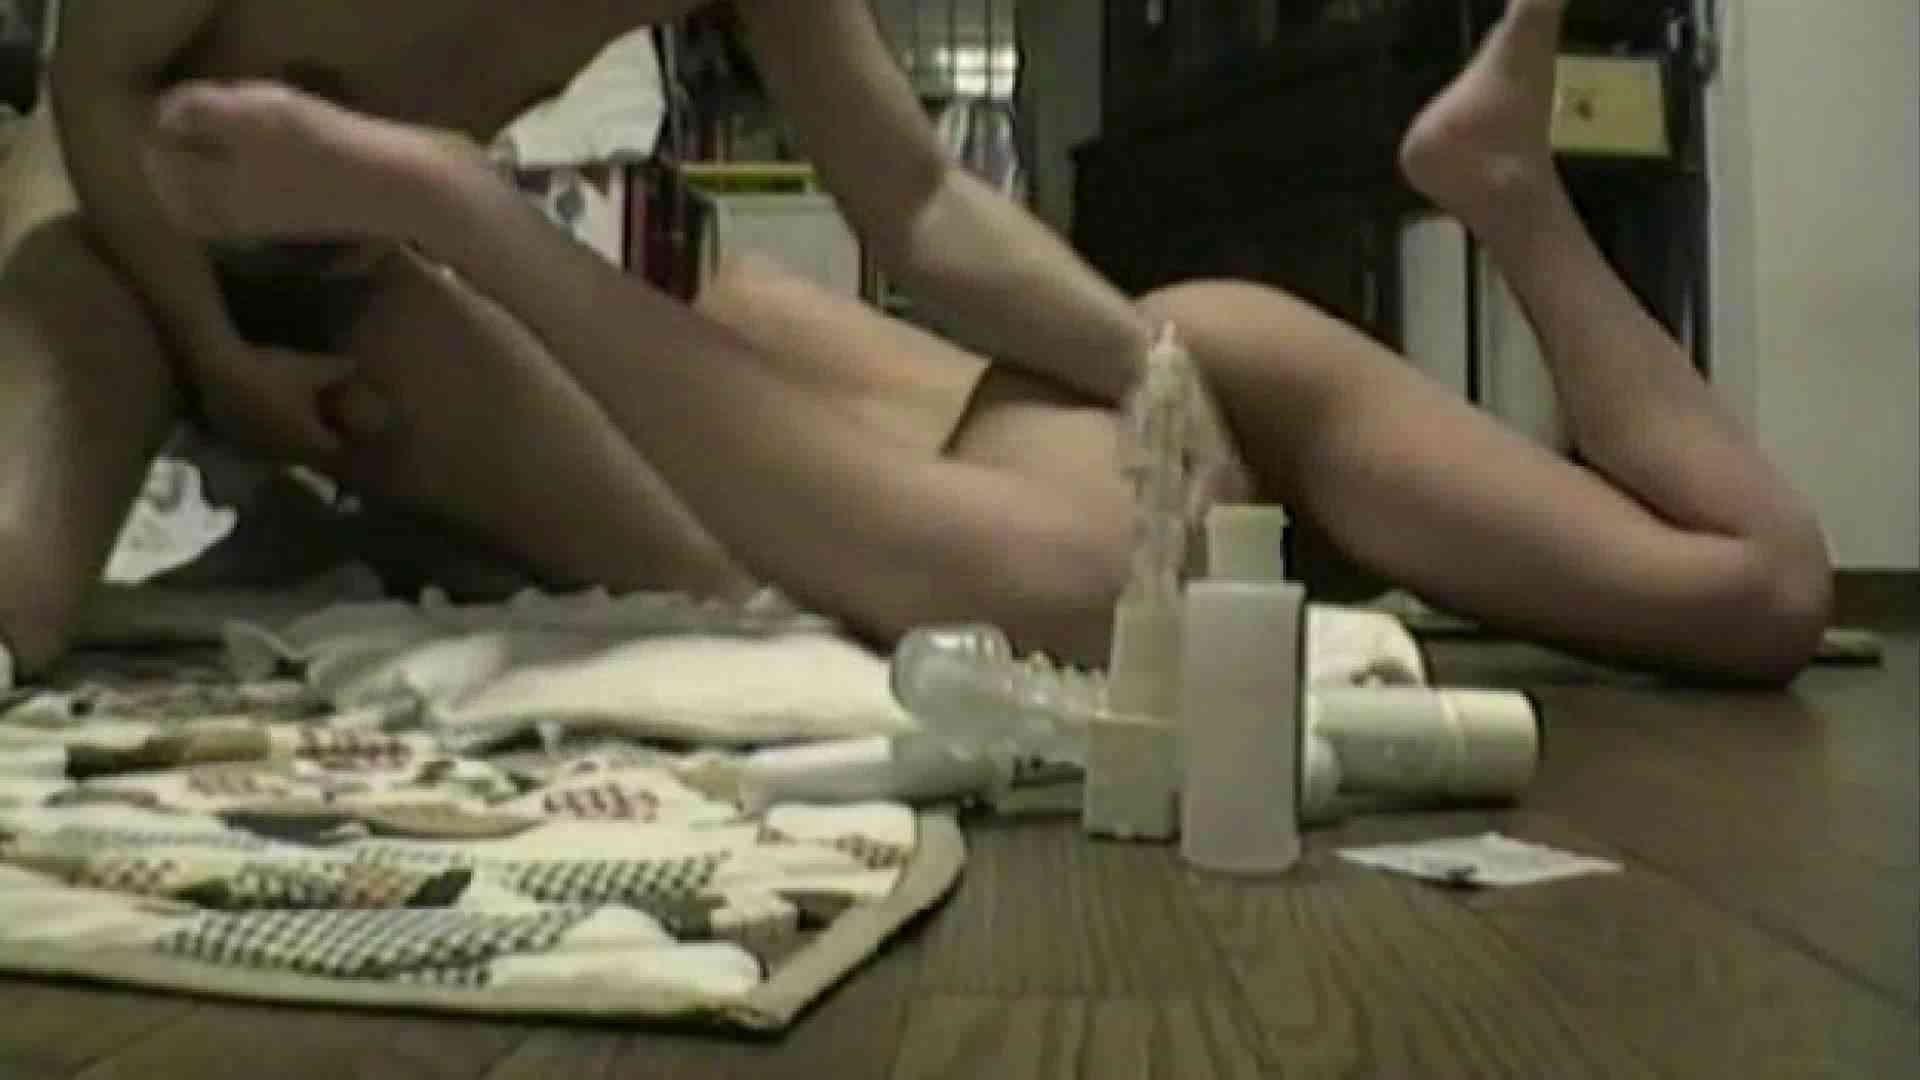 最愛の妻 TAKAKO 愛のSEX Vol.03 SEX映像  87連発 8